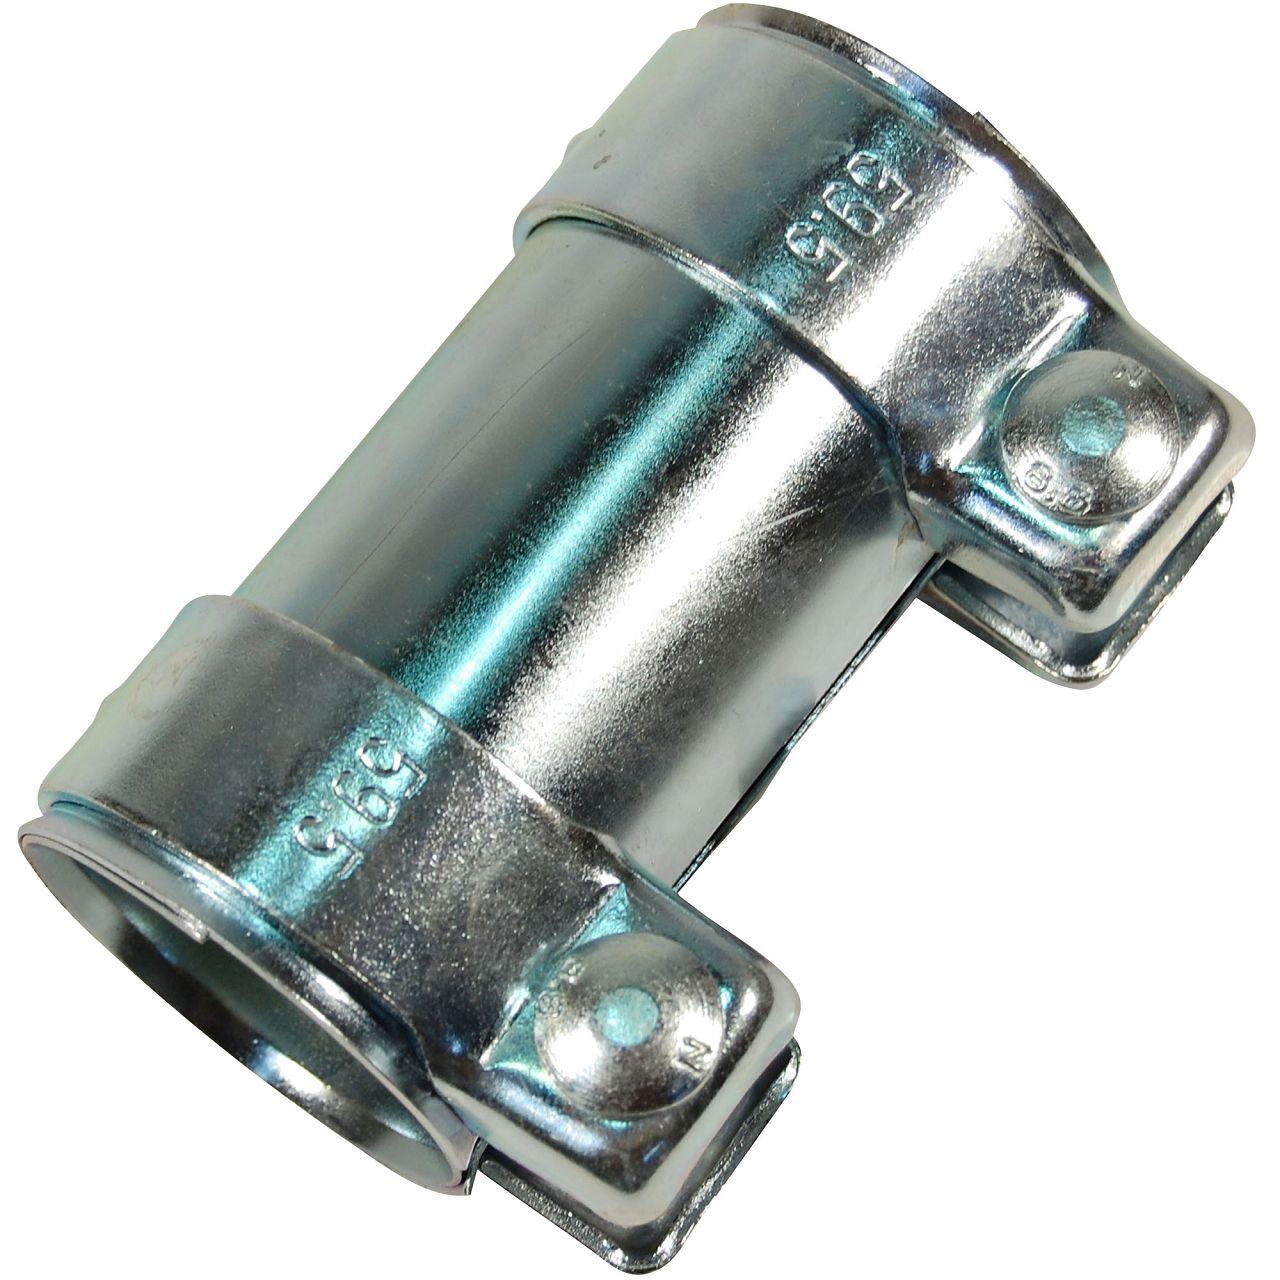 Rohrverbinder Doppelschelle Auspuff Abgasanlage Ø 55 mm x Länge 125 mm